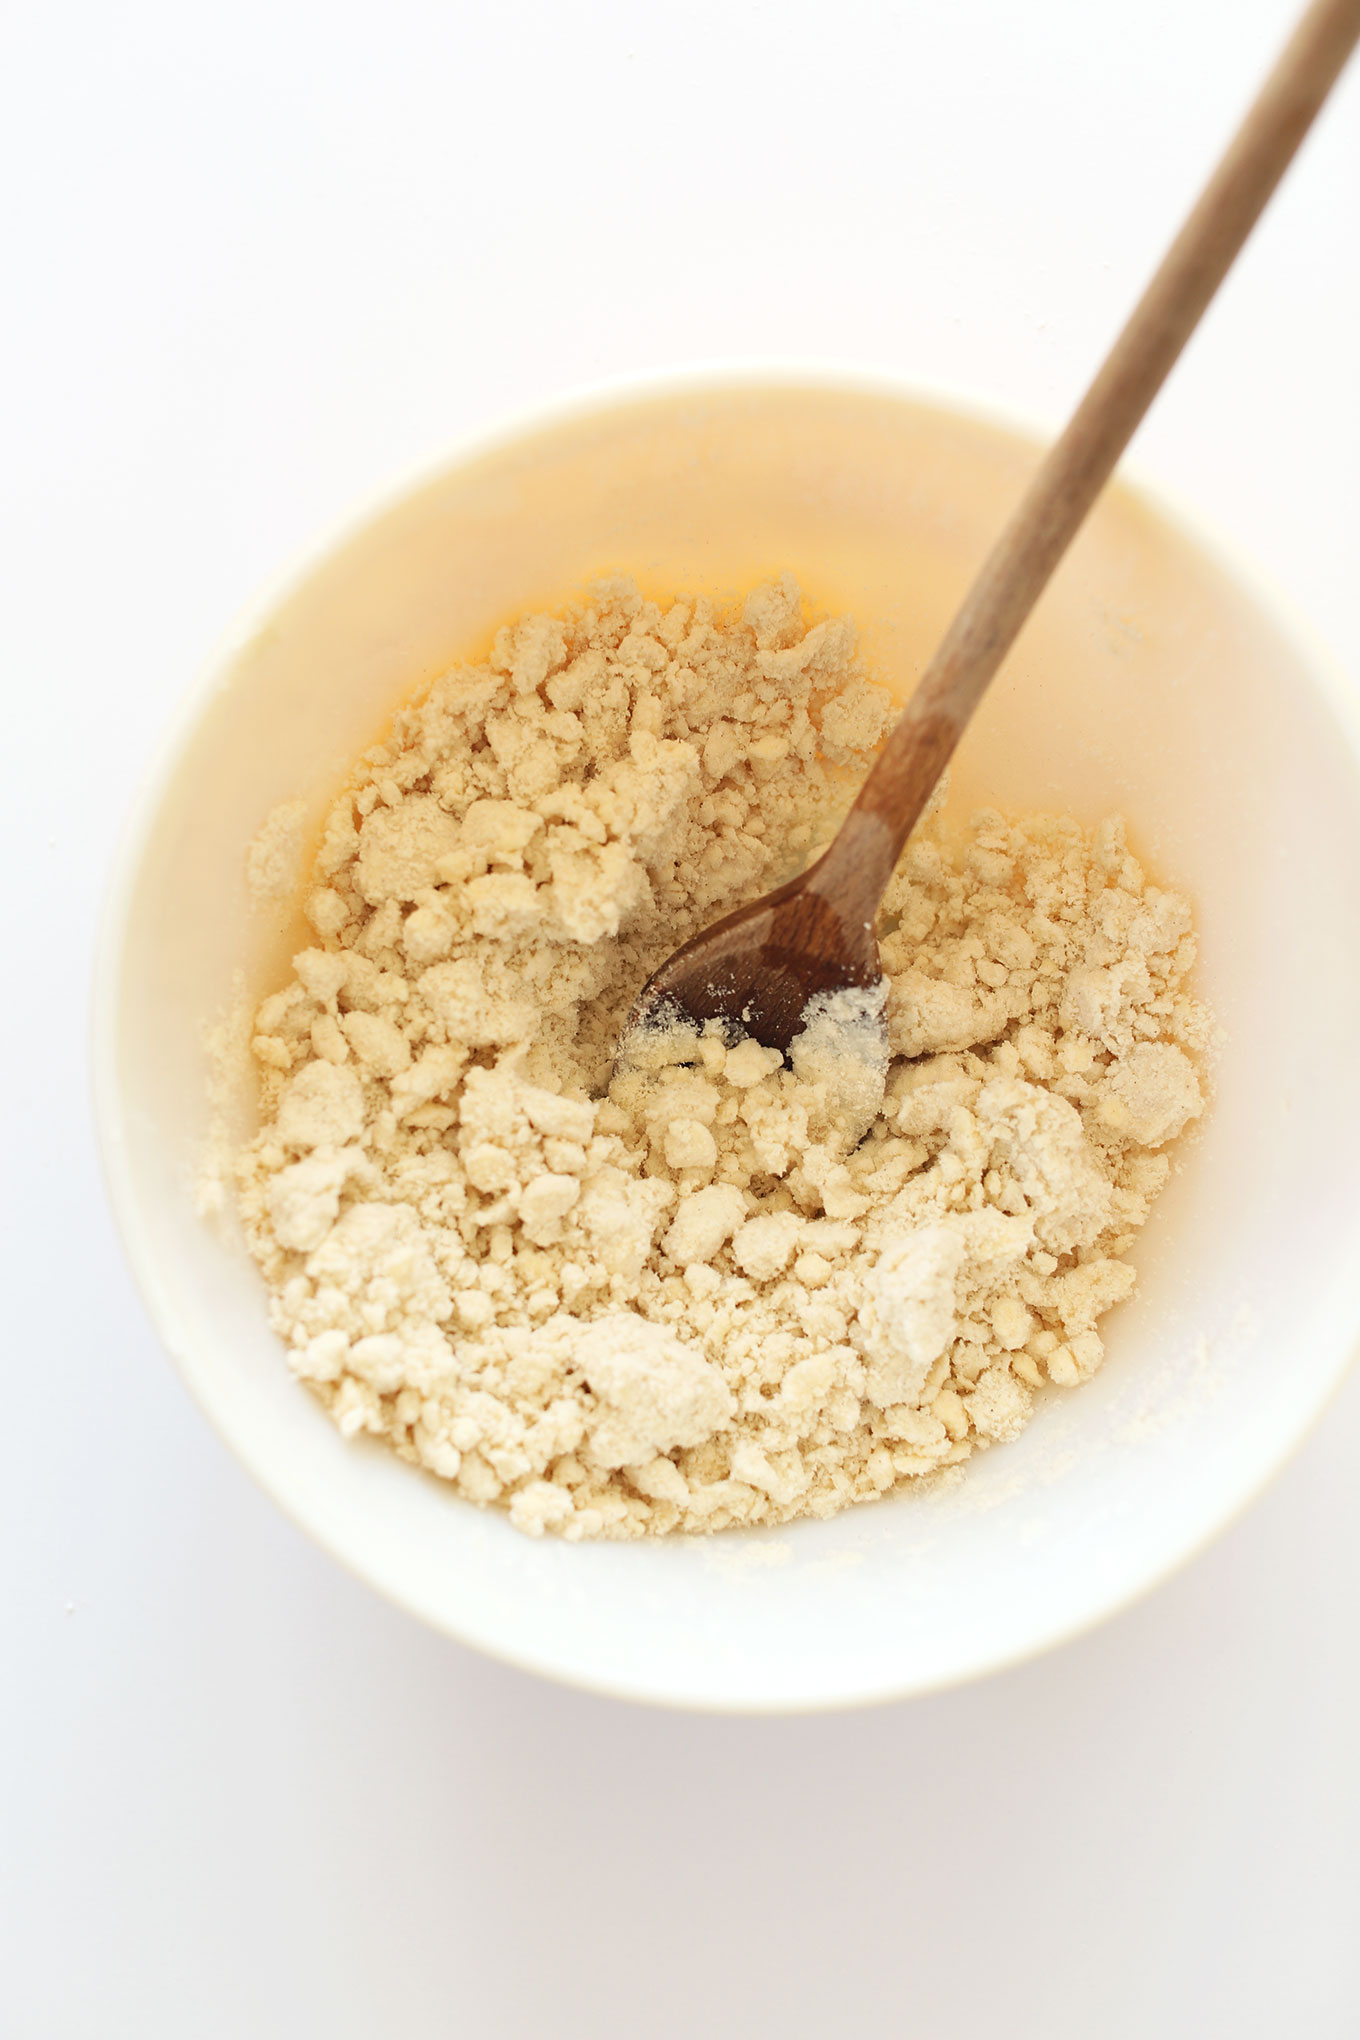 The Best Gluten-Free Pie Crust #minimalistbaker